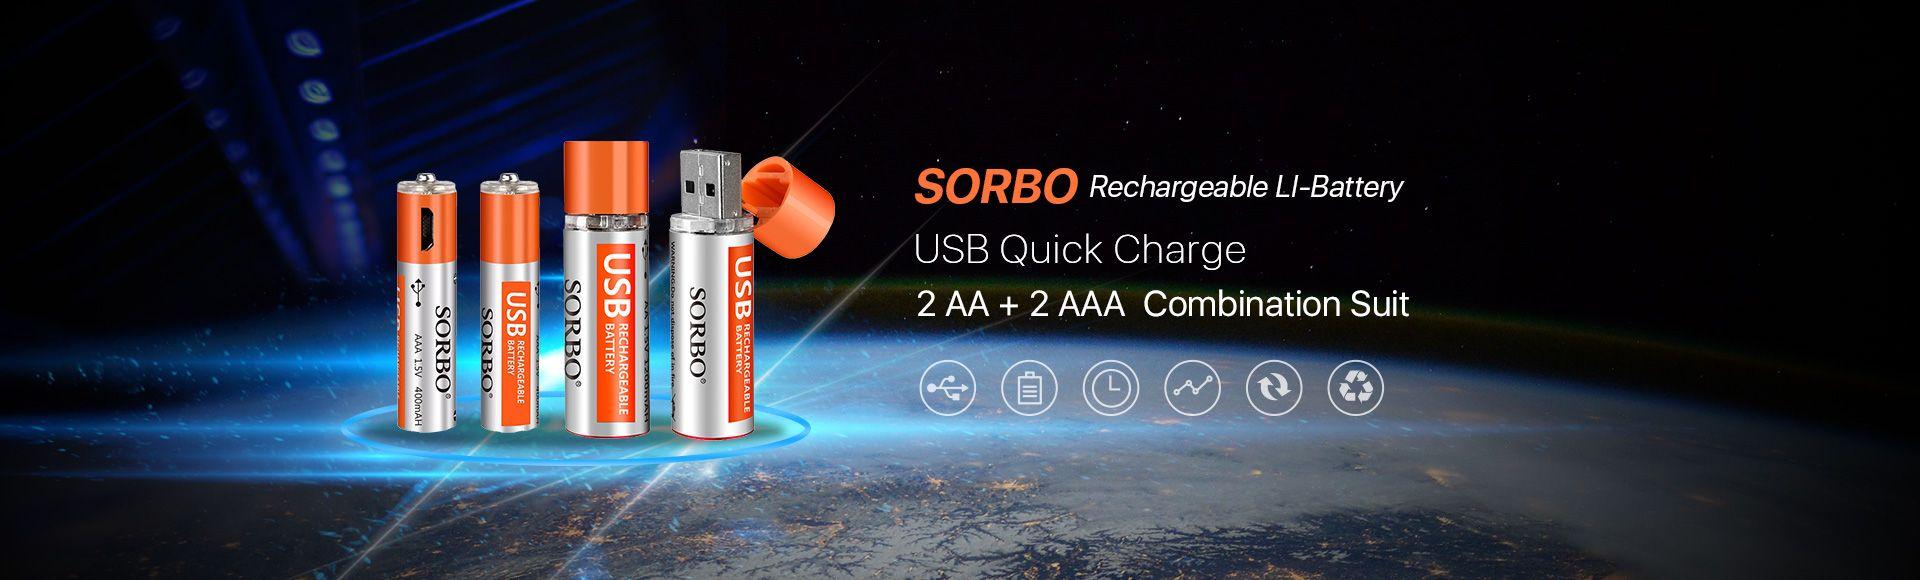 SORBO USB Rechargeable Lipo Battery AA & AAA Suit - 2Pcs AA & 2Pcs AAA 1.5V Rechargeable USB Battery 1 Hours Quick Charge